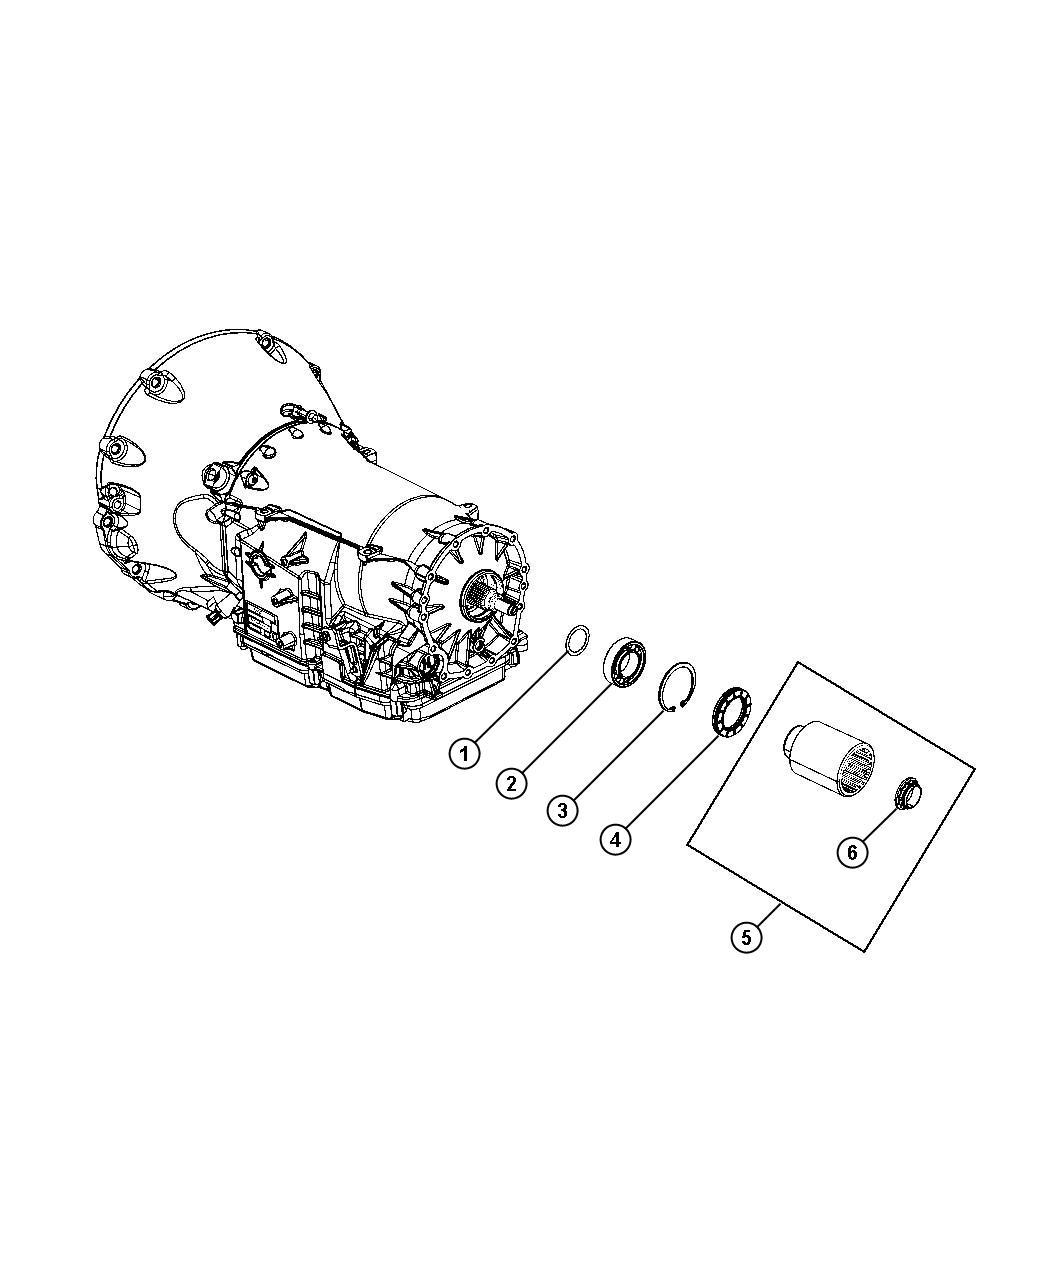 Dodge Charger Seal. Output shaft, transmission. Output